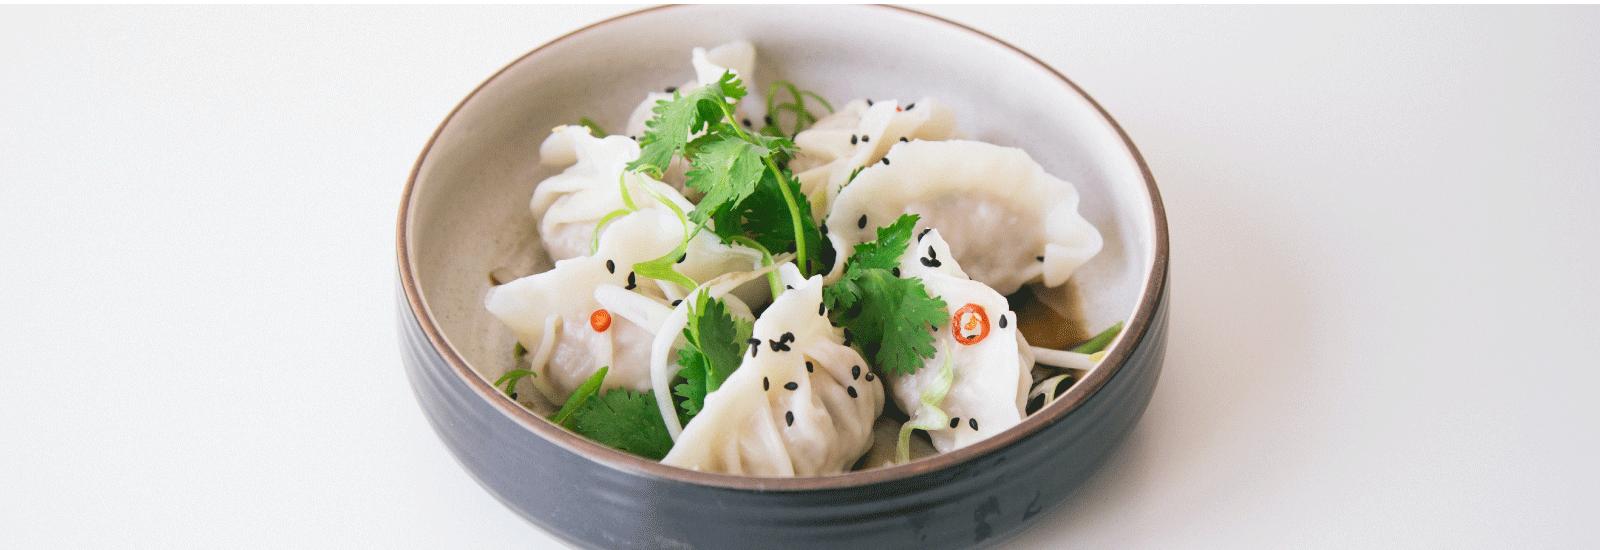 Asian Restaurants Near Fort Belvoir